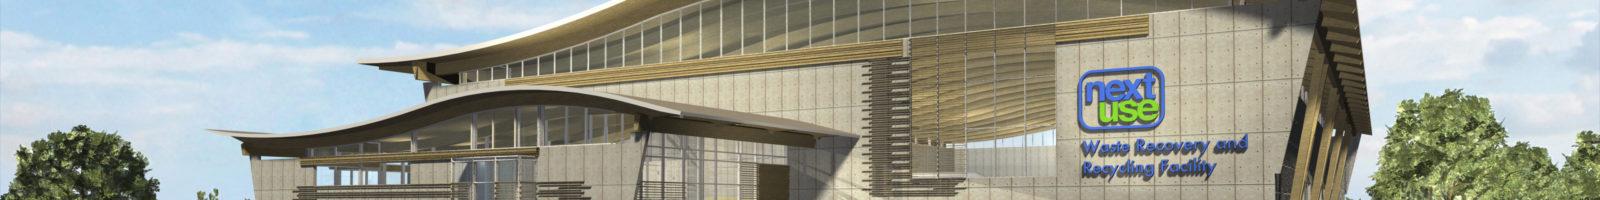 Belkorp Recycling exterior render